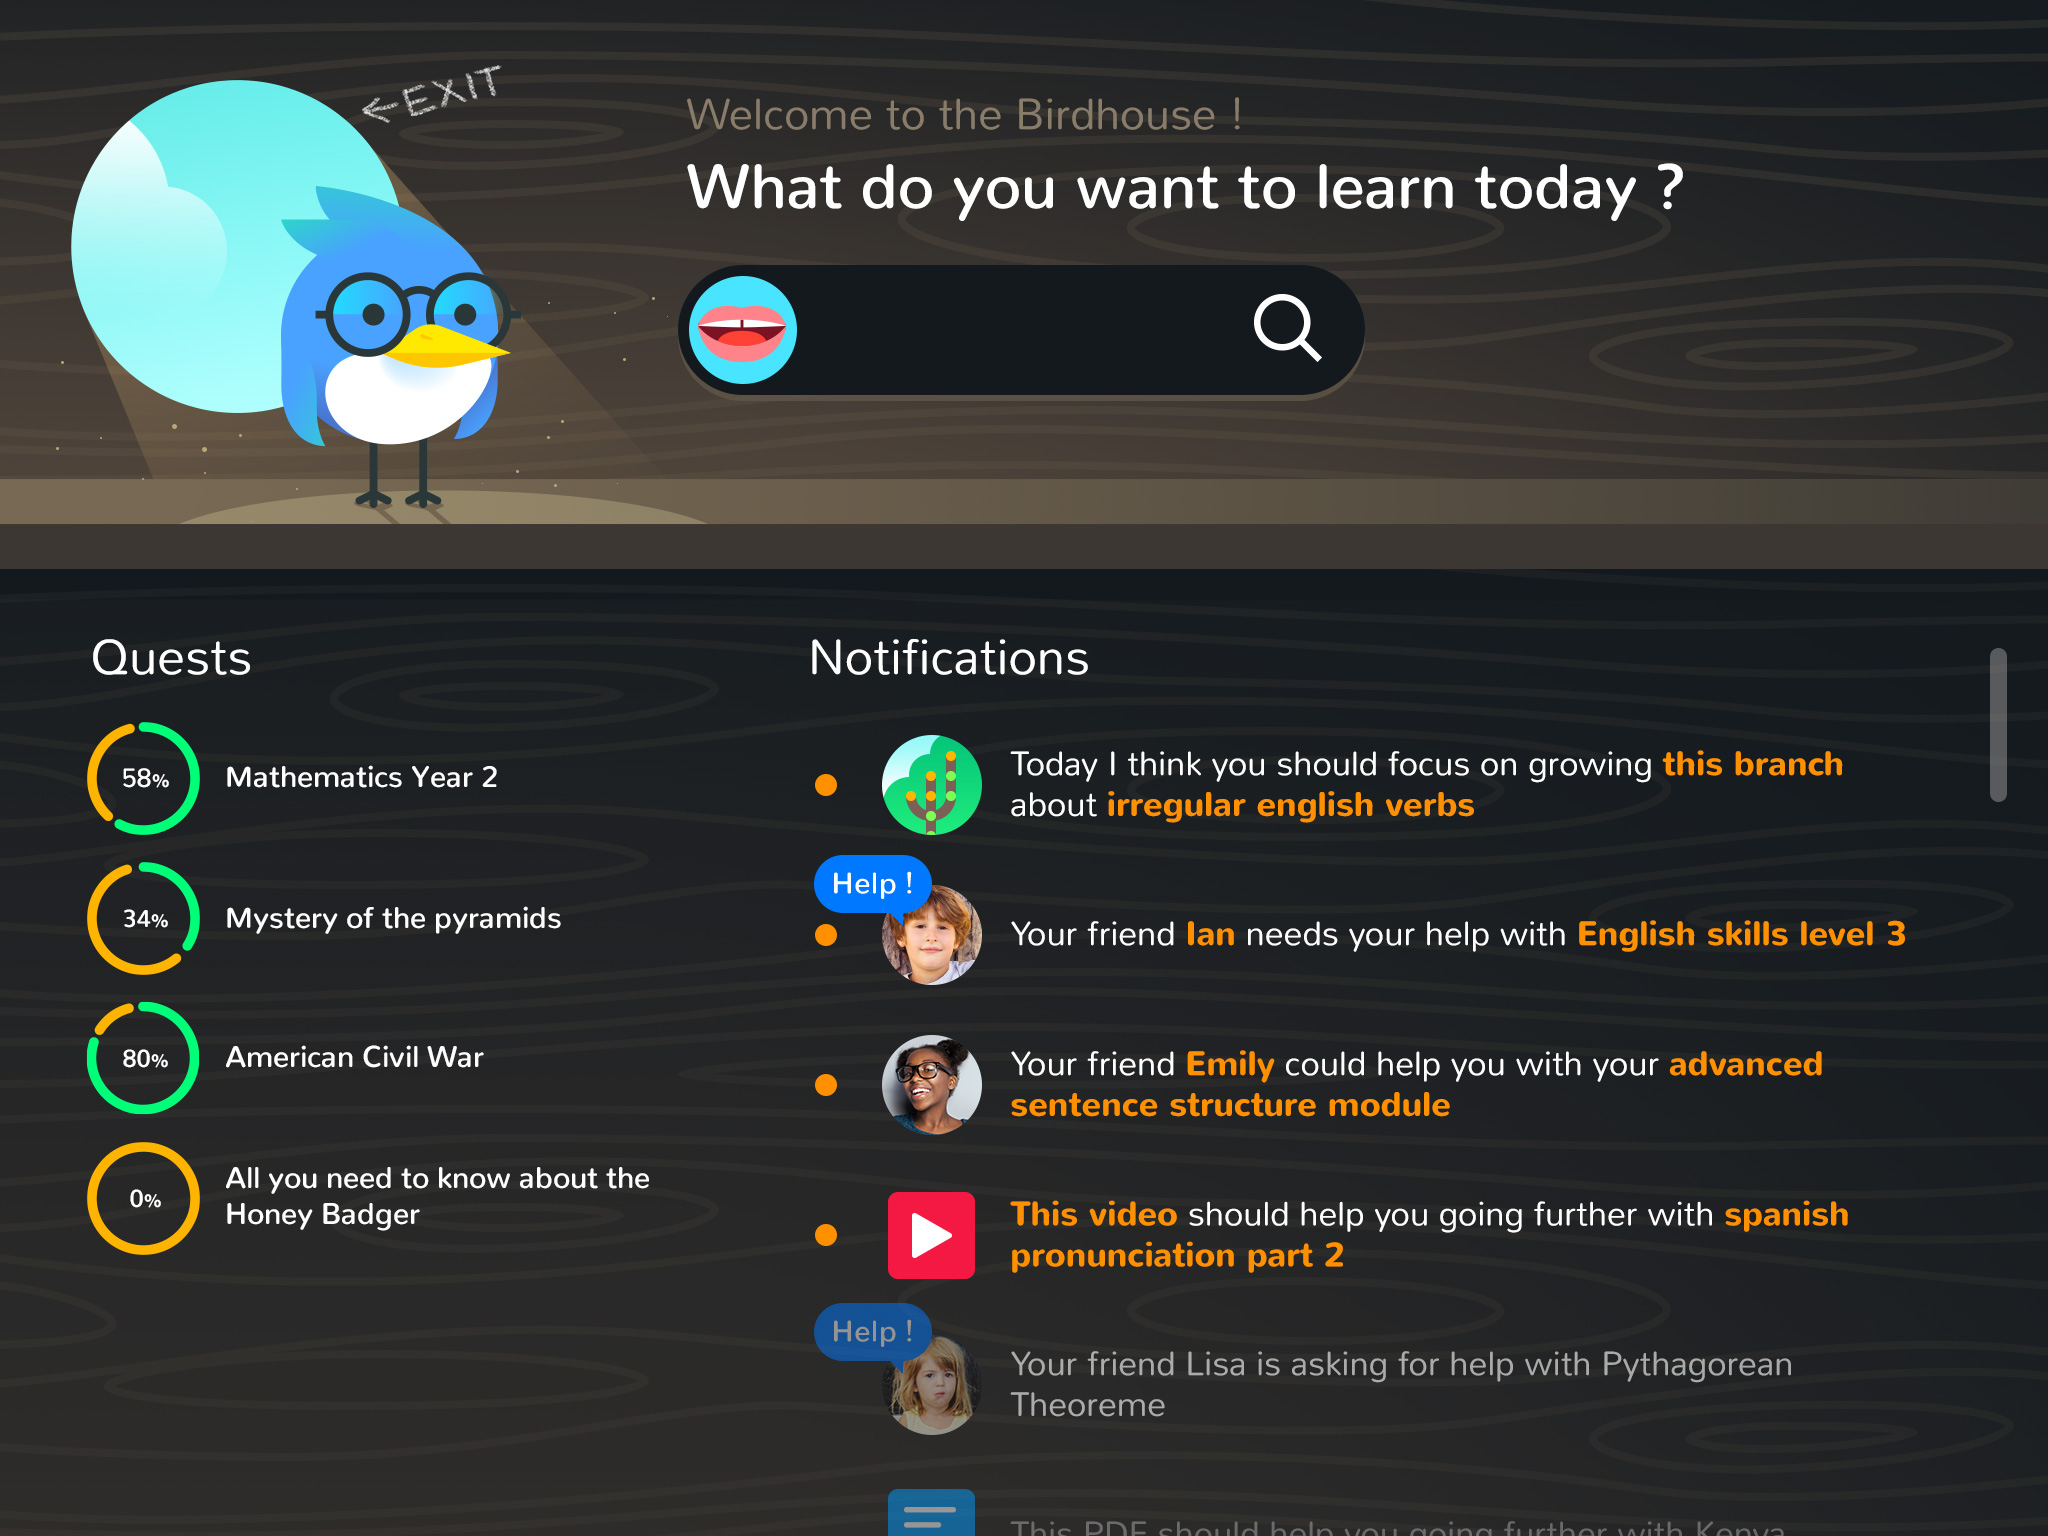 05_GrowSmart_Student_Birdhouse.jpg